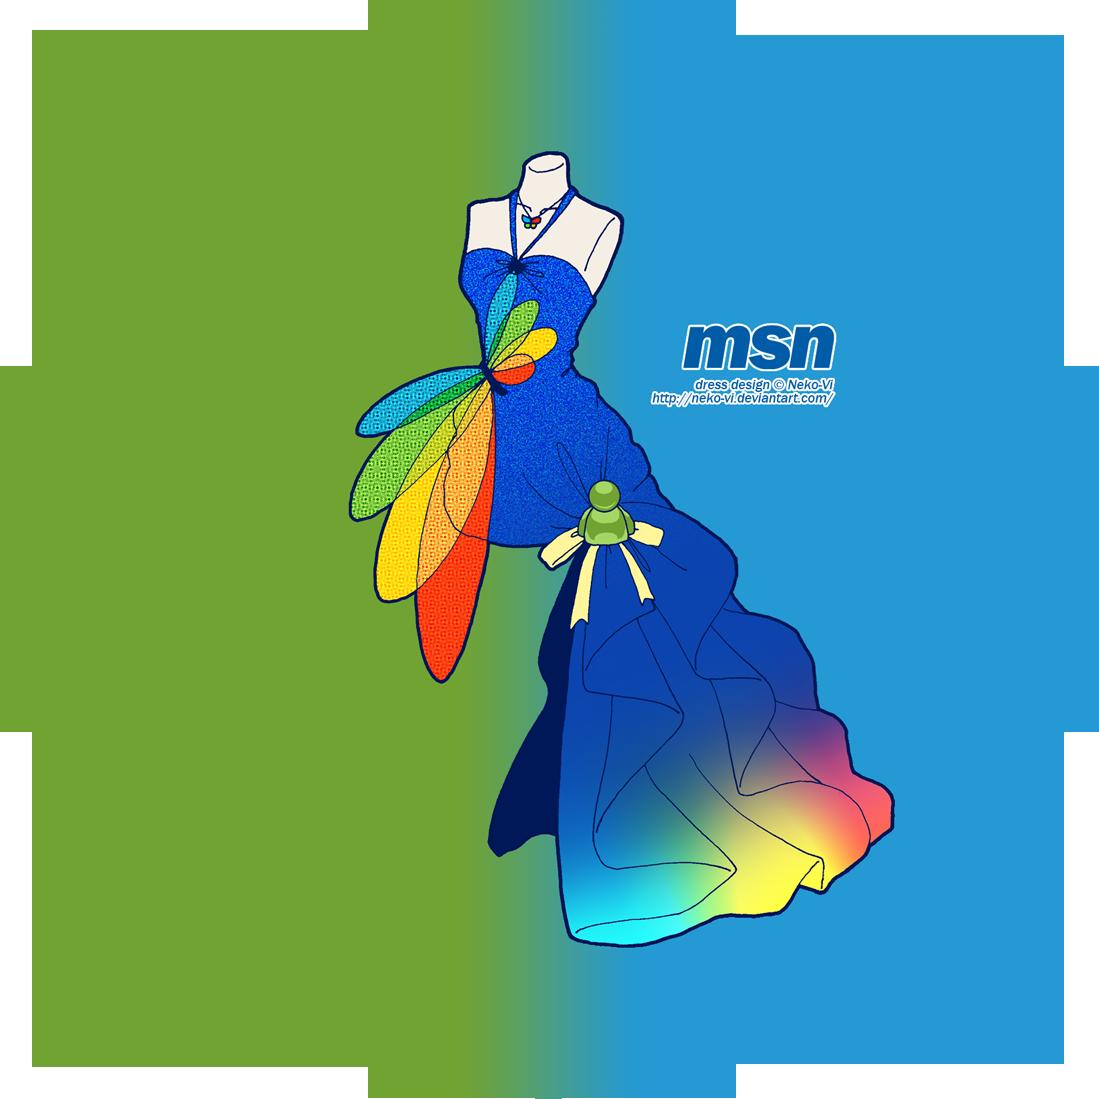 MSN in Fashion by Neko-Vi